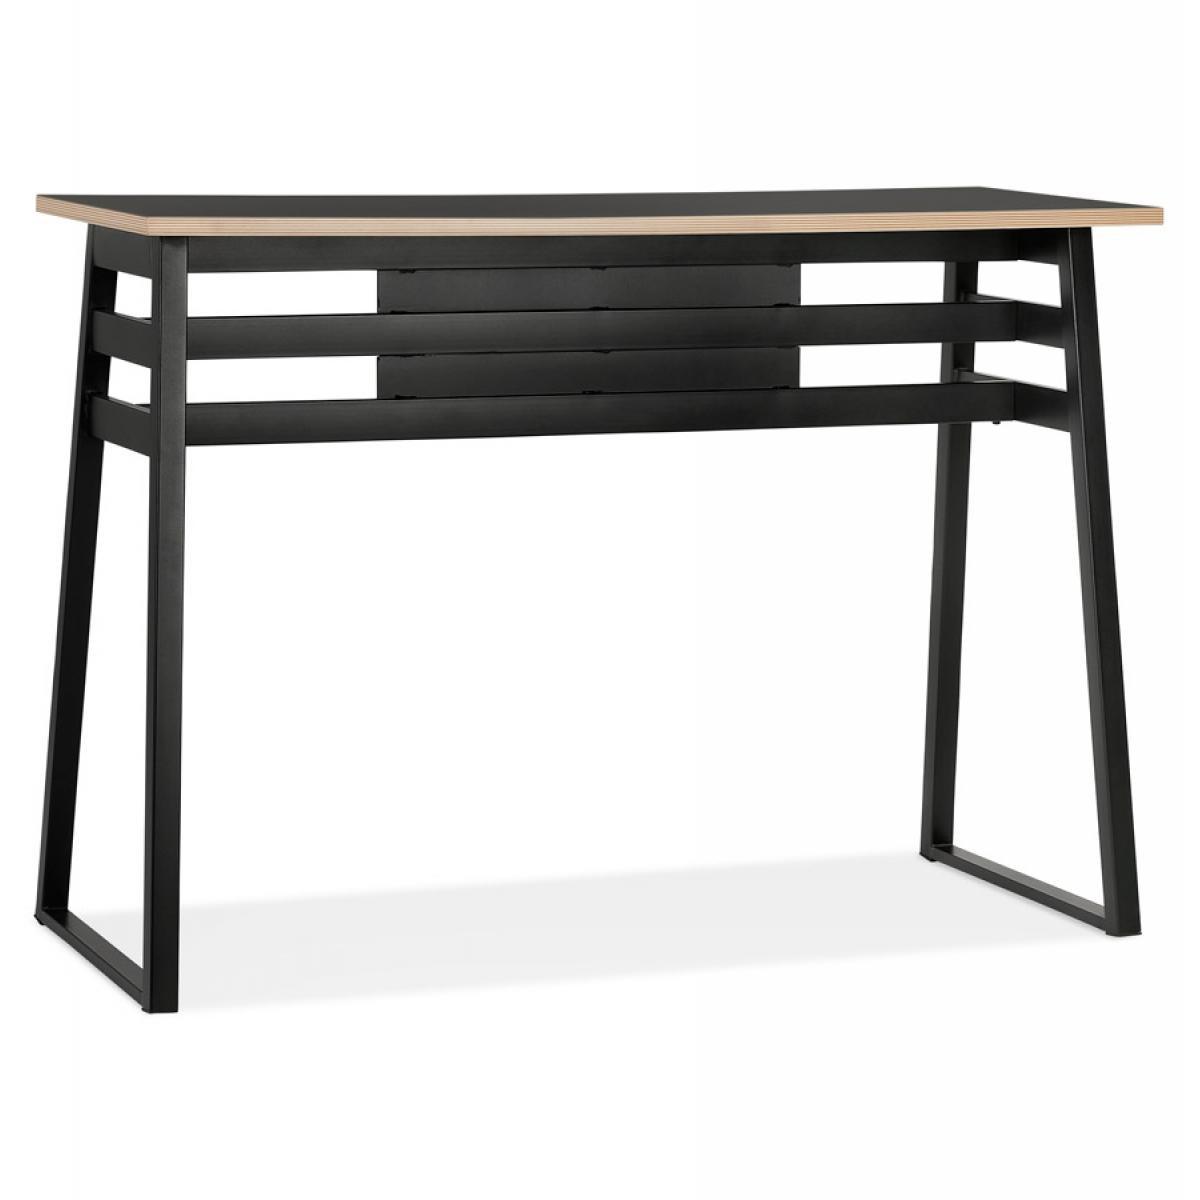 Alterego Table de bar haute 'NIKI' bois et métal noir - 150x60 cm